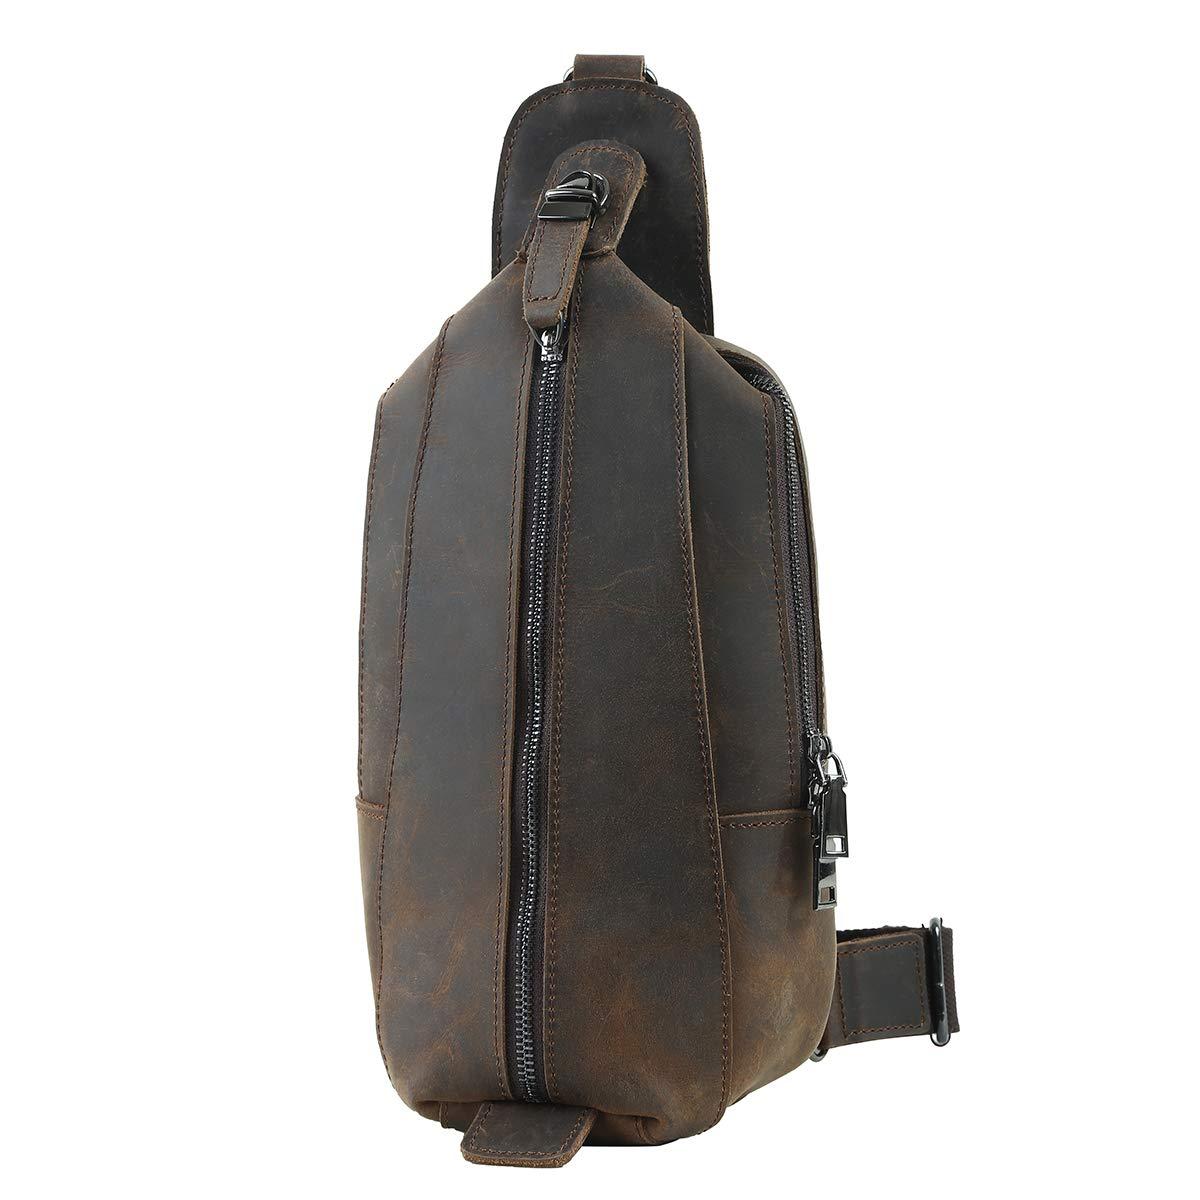 Leathario Men's Leather Sling bag Chest bag One shoulder bag Crossbody Bag Backpack for men (Brown-36)